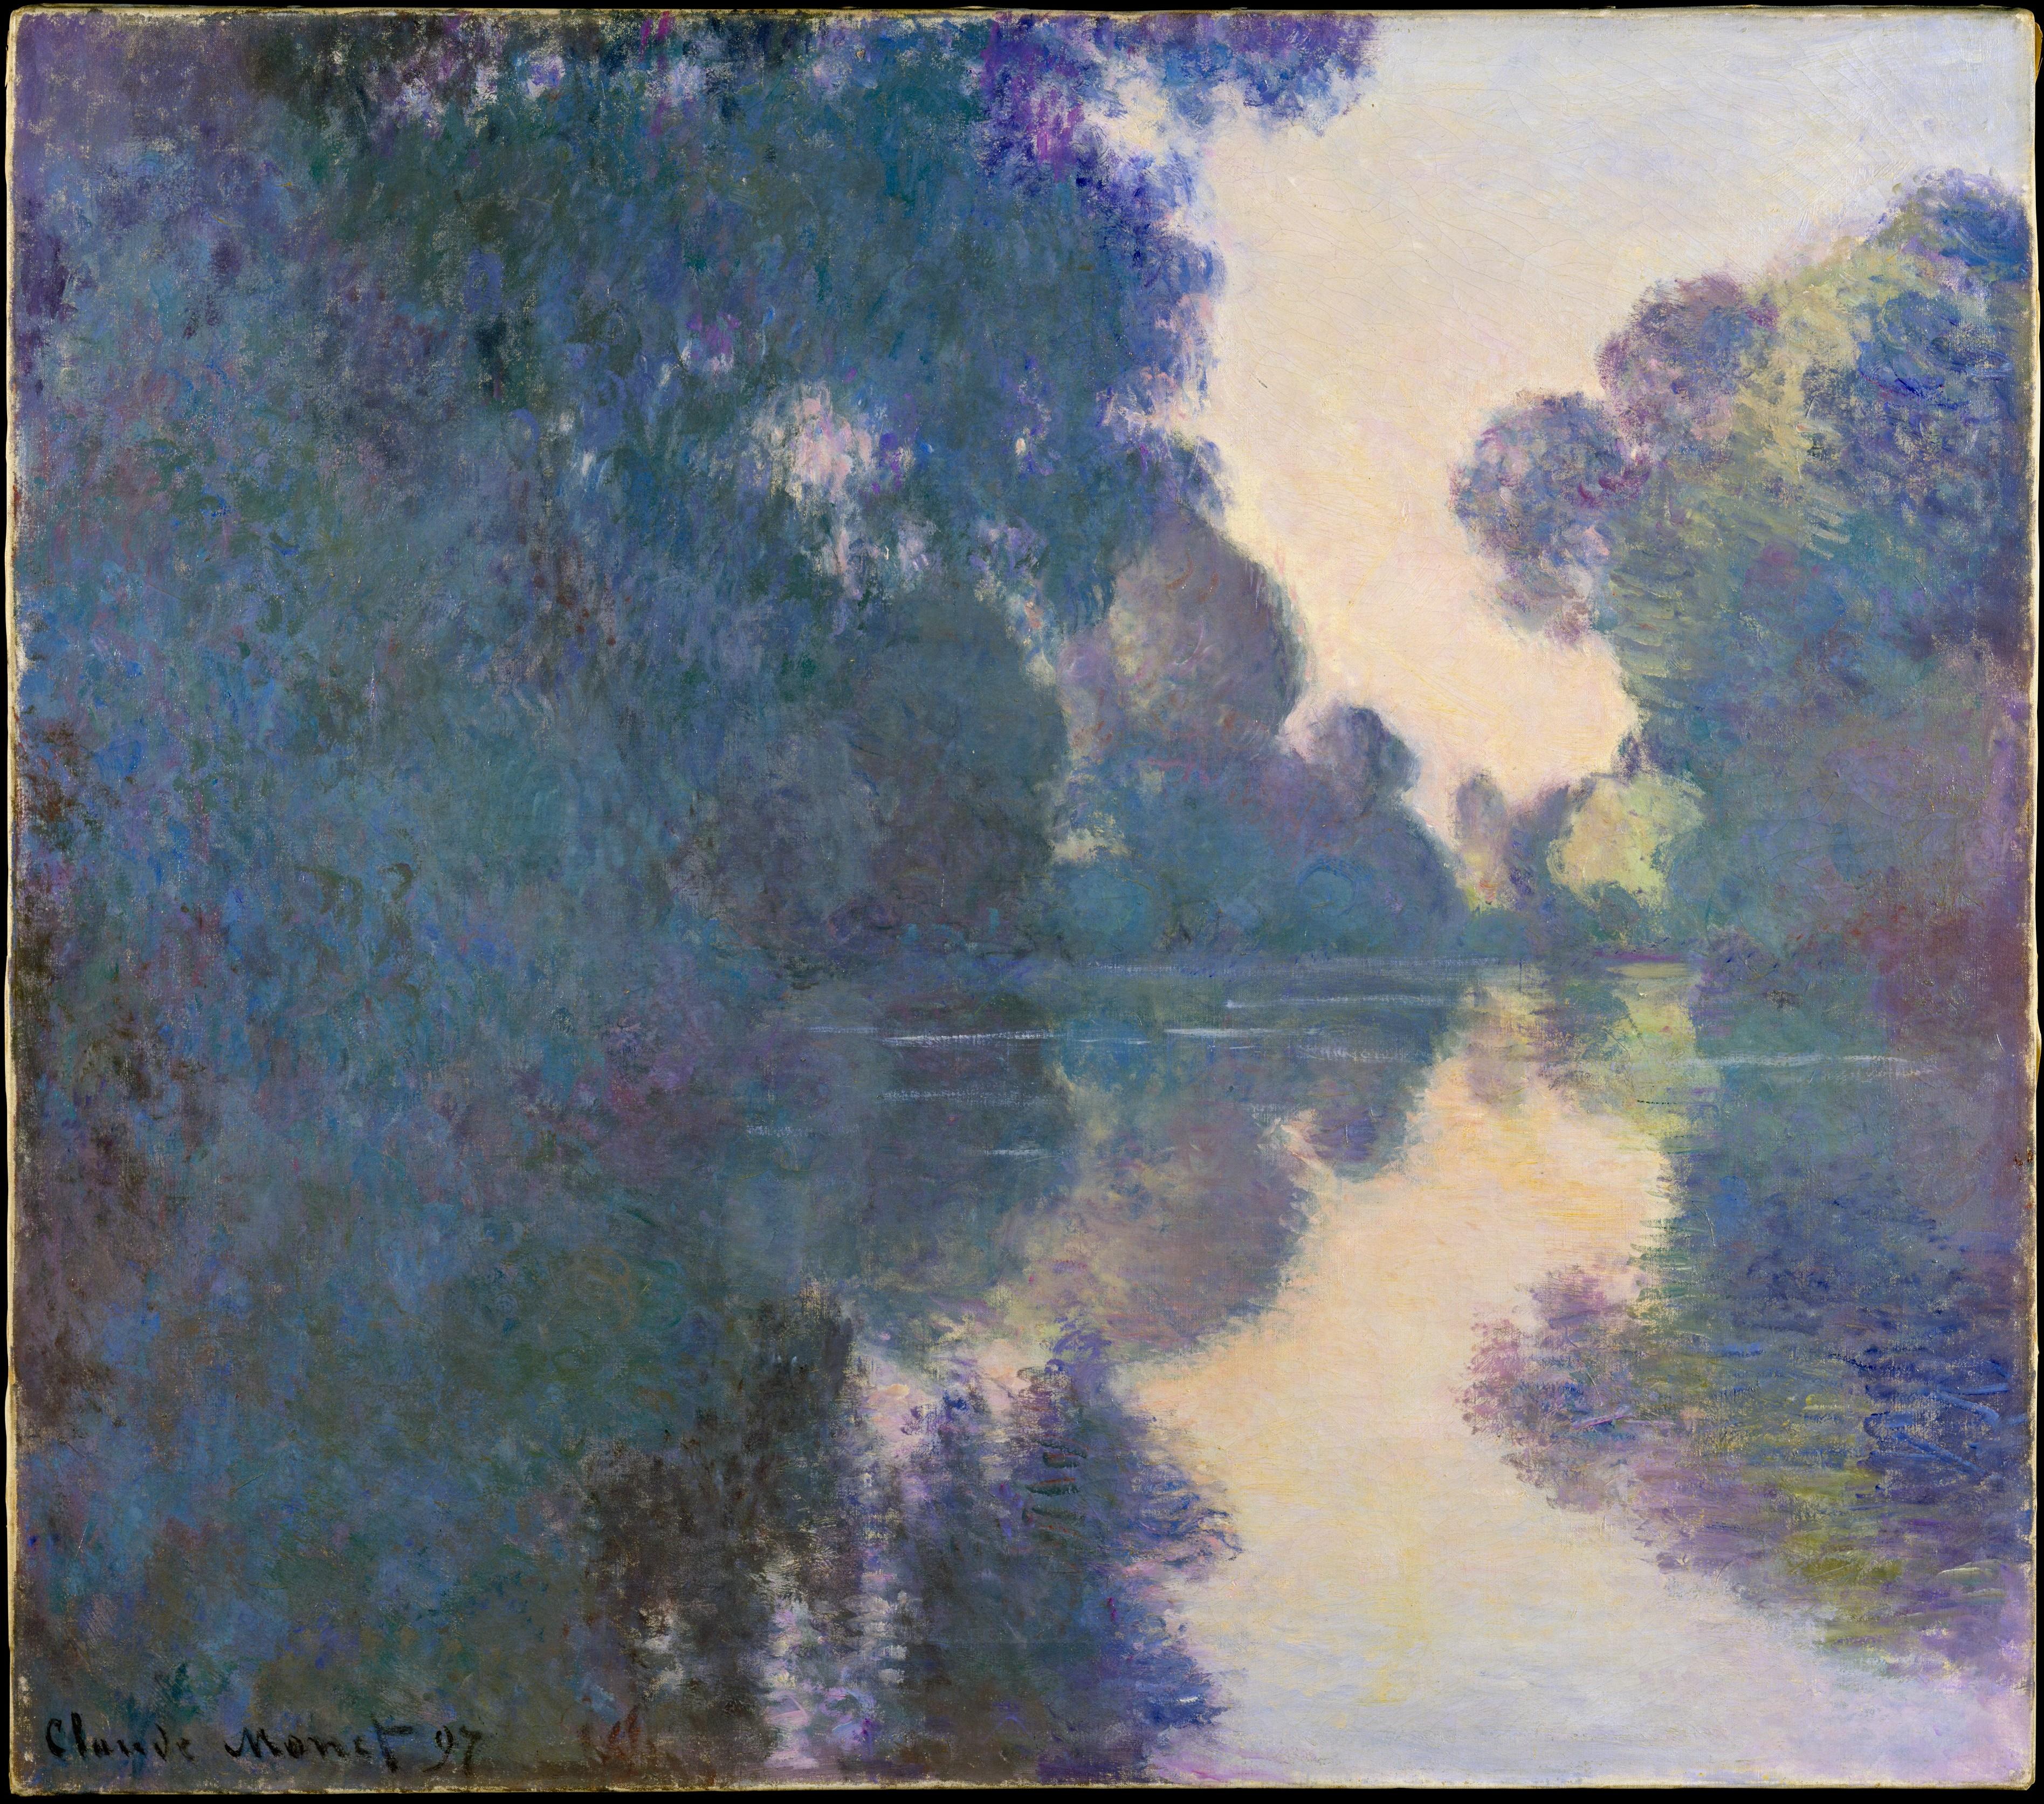 Figura 5. Claude Monet, Bras de Seine prés de Giverny